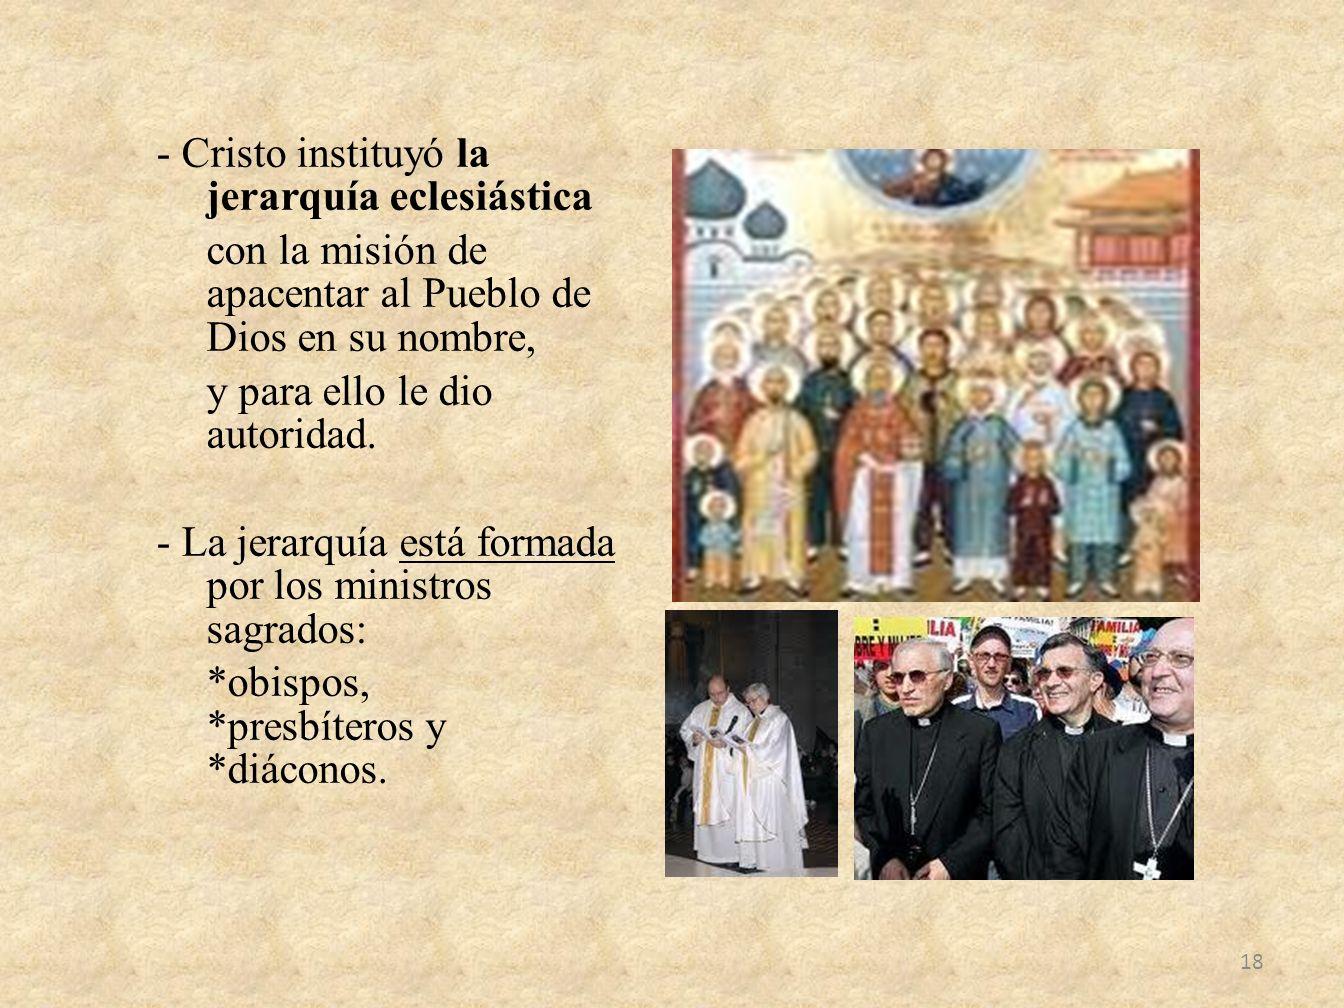 - Cristo instituyó la jerarquía eclesiástica con la misión de apacentar al Pueblo de Dios en su nombre, y para ello le dio autoridad. - La jerarquía e